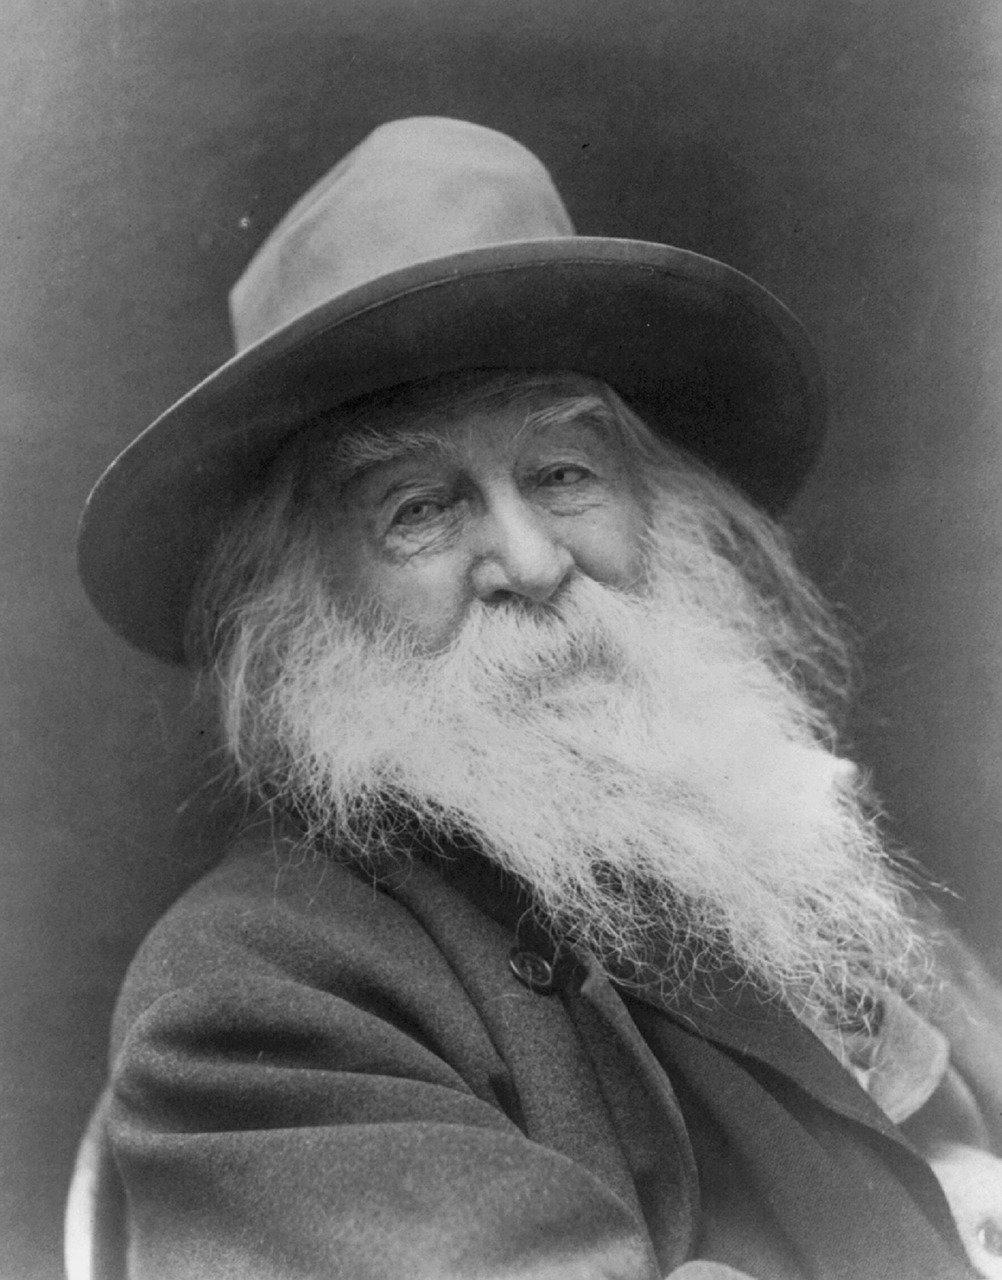 Walt Whitman, poet, transcendentalist